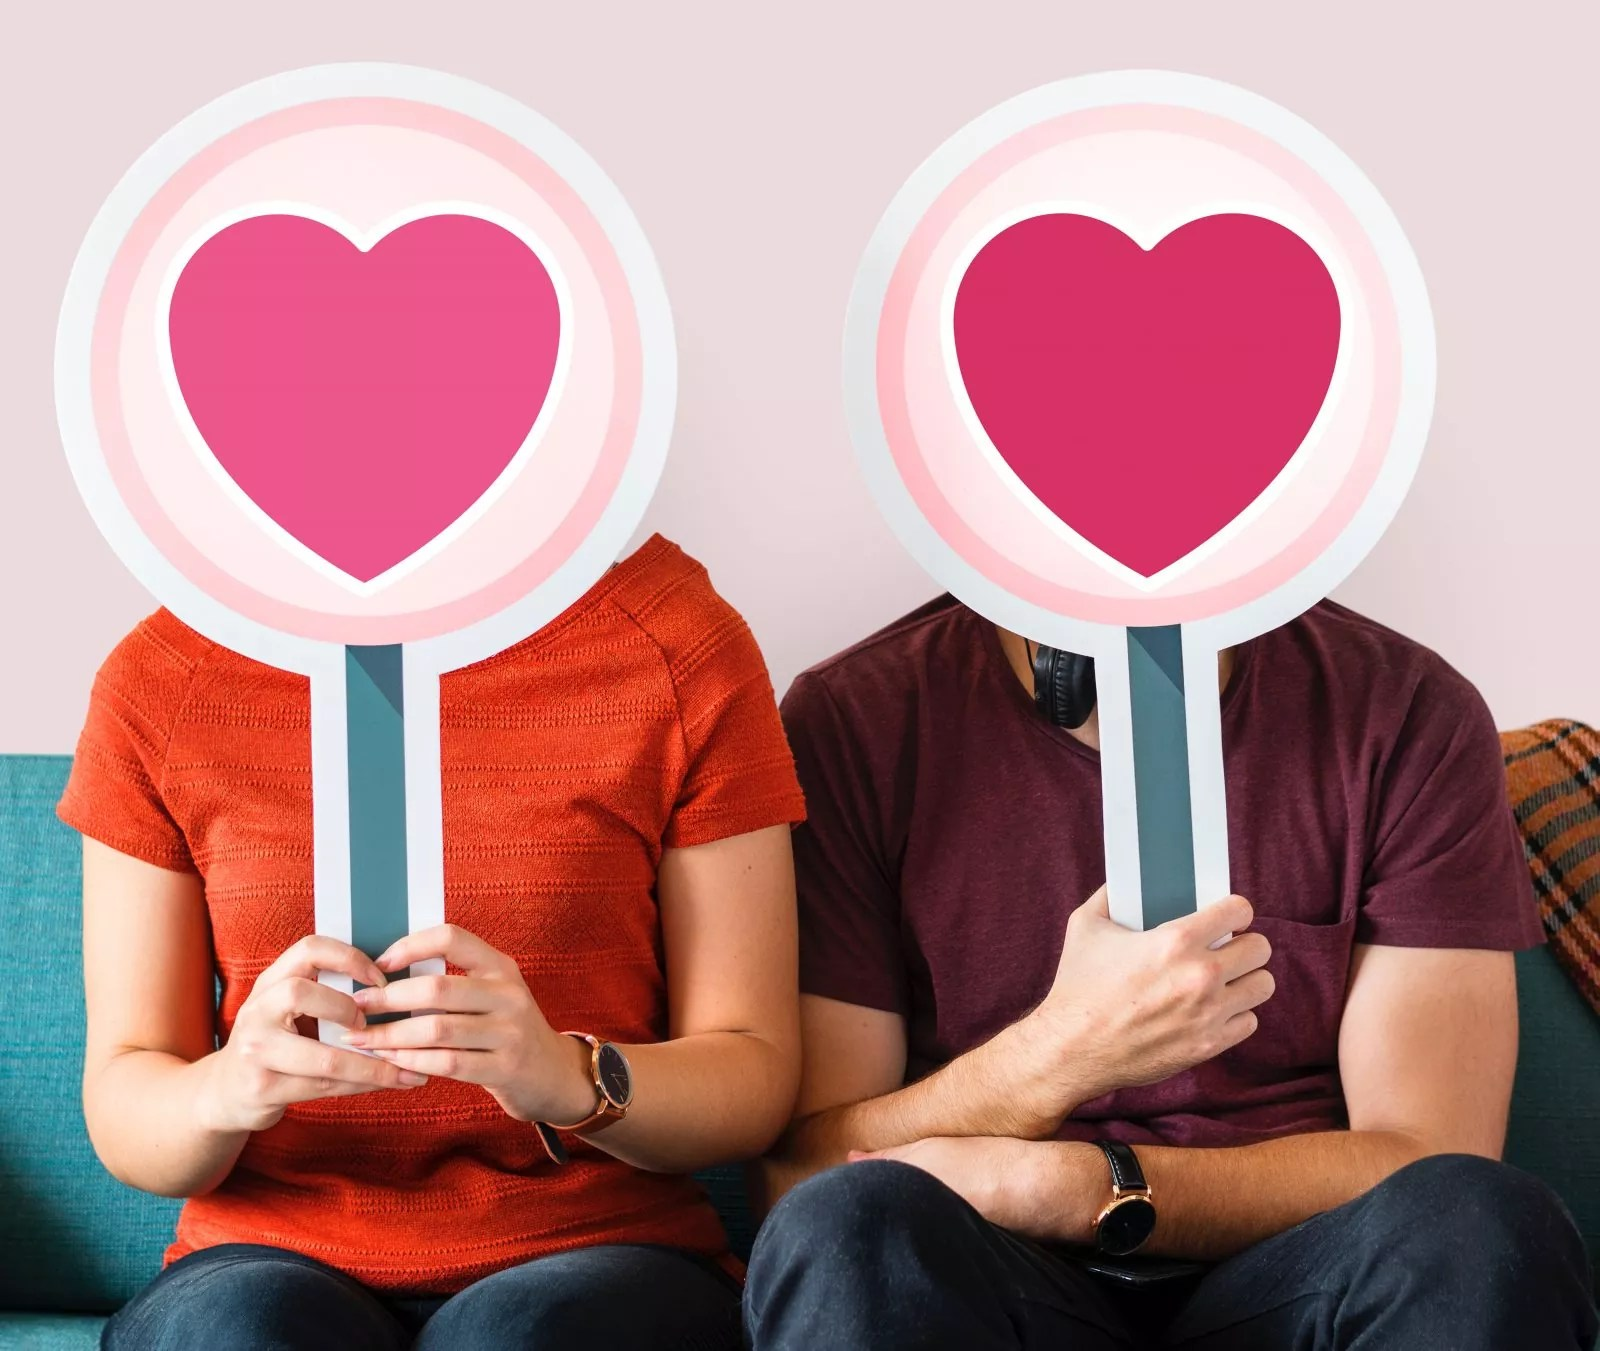 Najgorętsze aplikacje randkowe na iPhonea